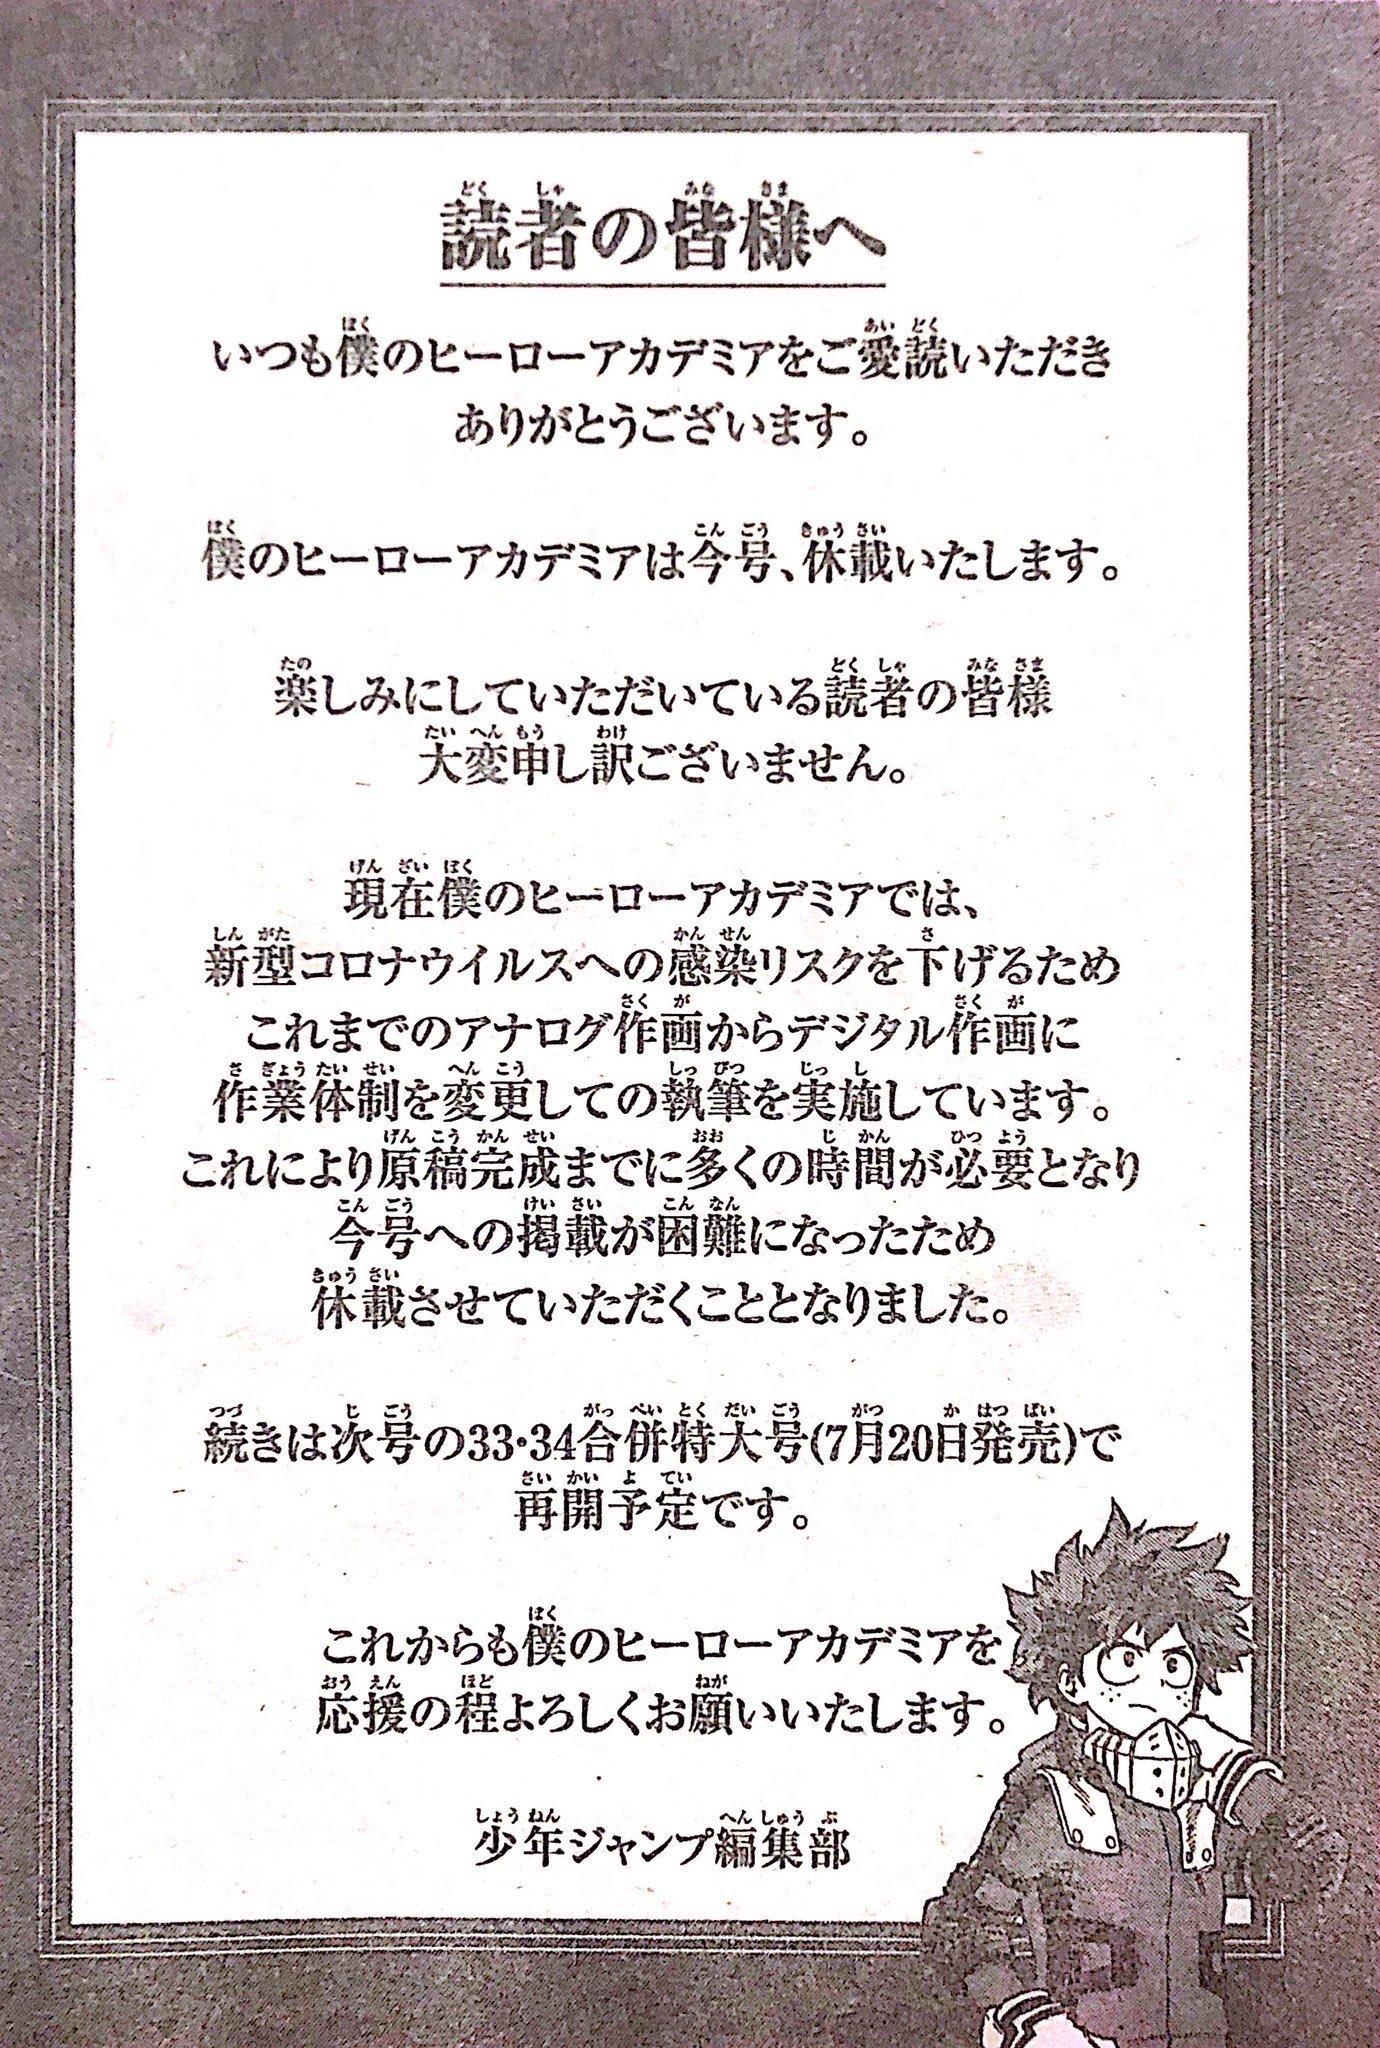 Shonen Jump clarifies 'Boku no Hero Academia' Break in Issue #32!